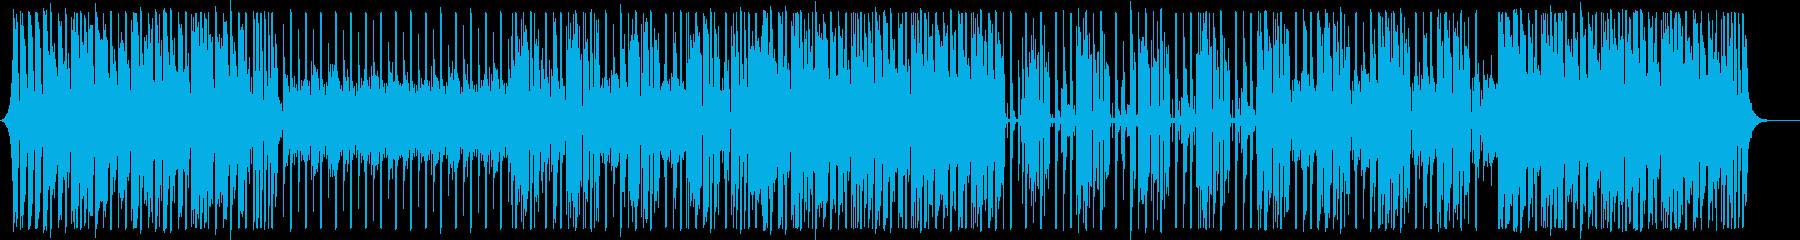 上がるナイルロジャース系ディスコ曲の再生済みの波形